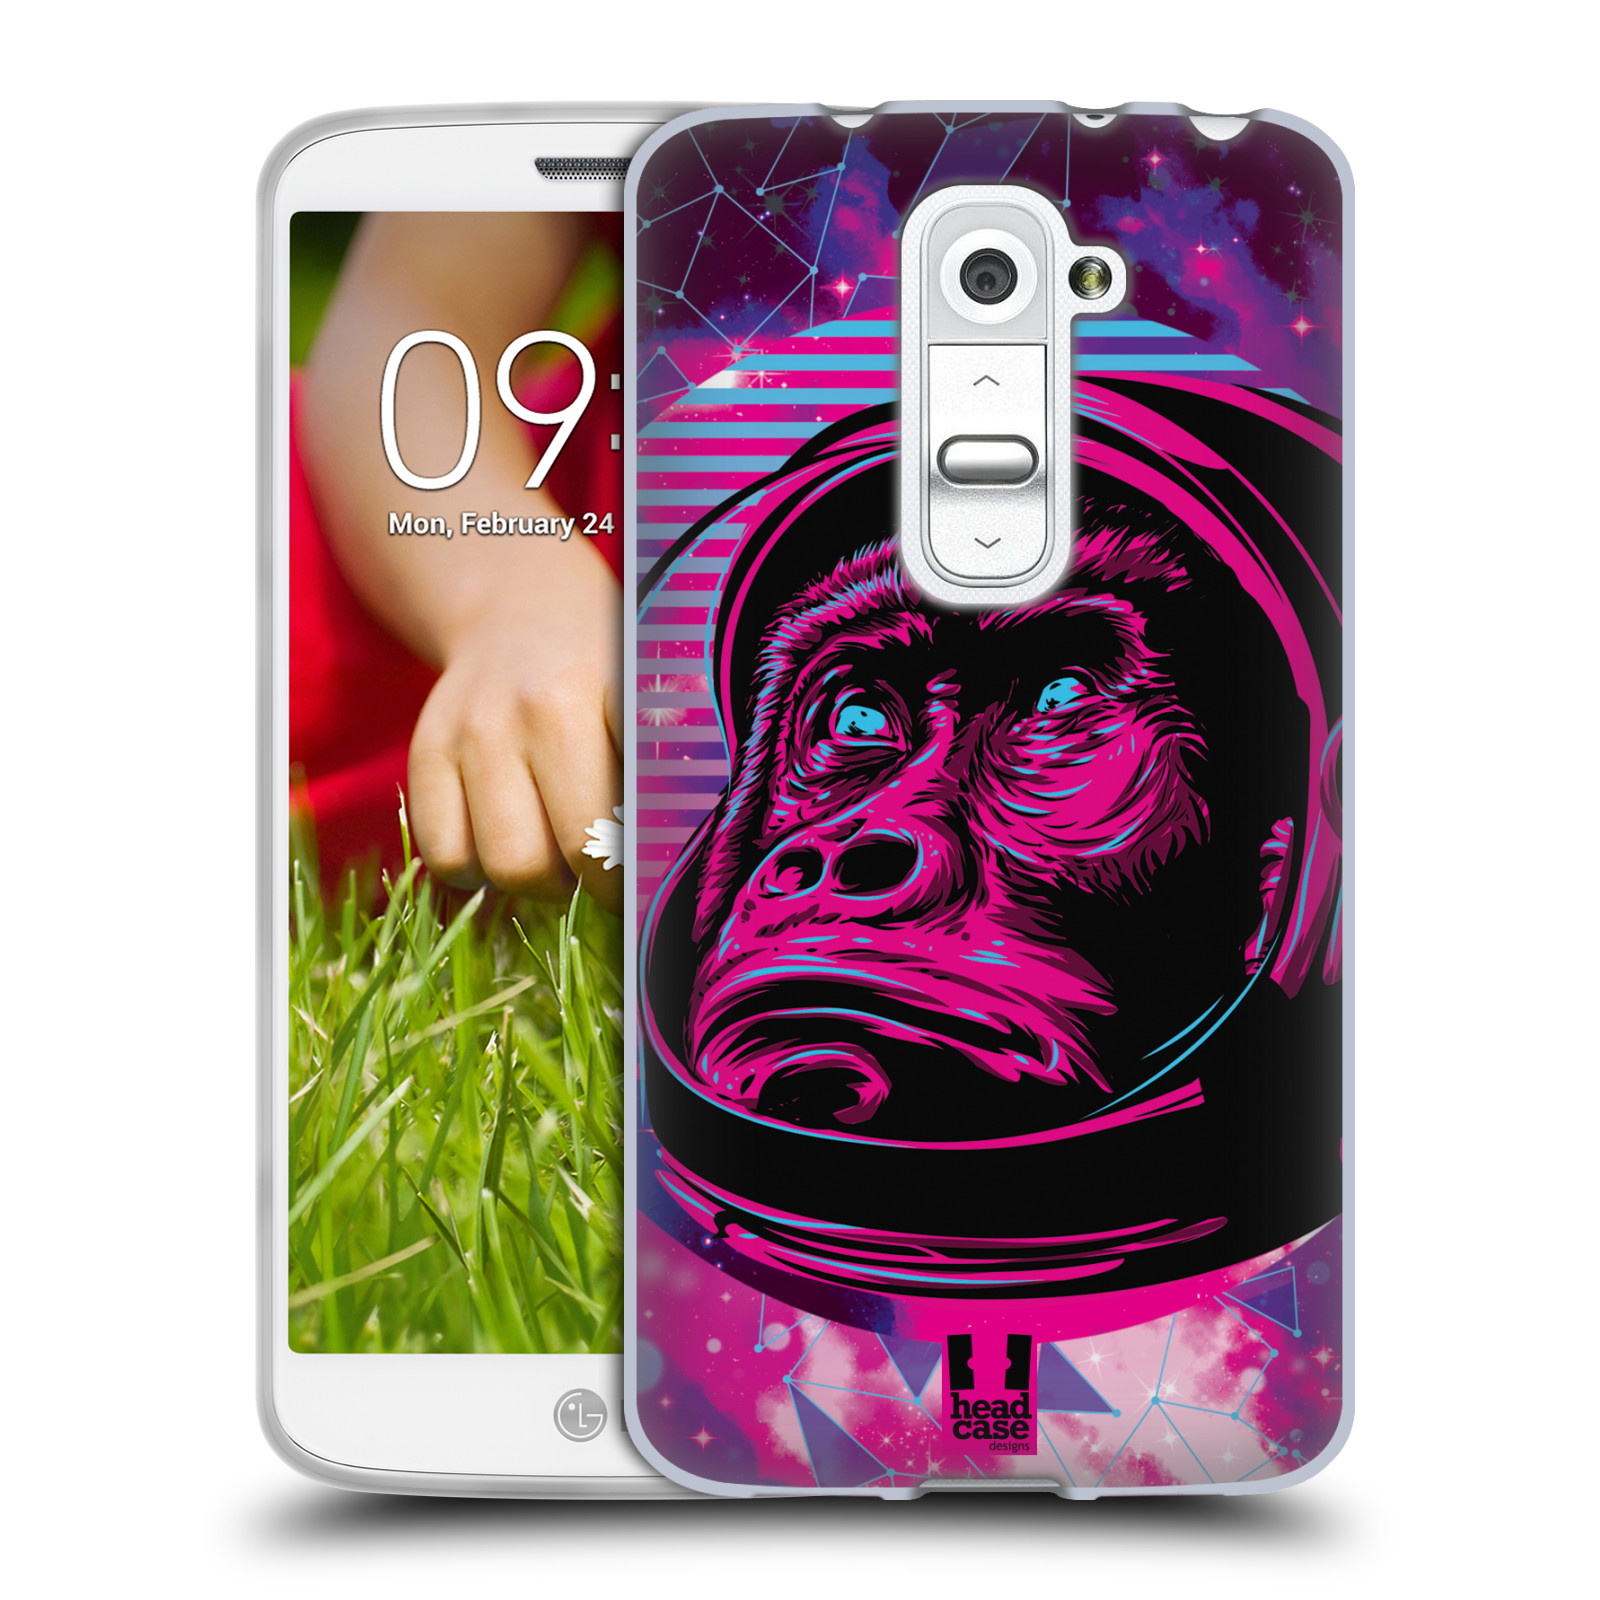 Silikonové pouzdro na mobil LG G2 Mini Head Case - Gorila ve skafandru (Silikonový kryt či obal na mobilní telefon s motivem z osmdesátek pro LG G2 Mini D620)